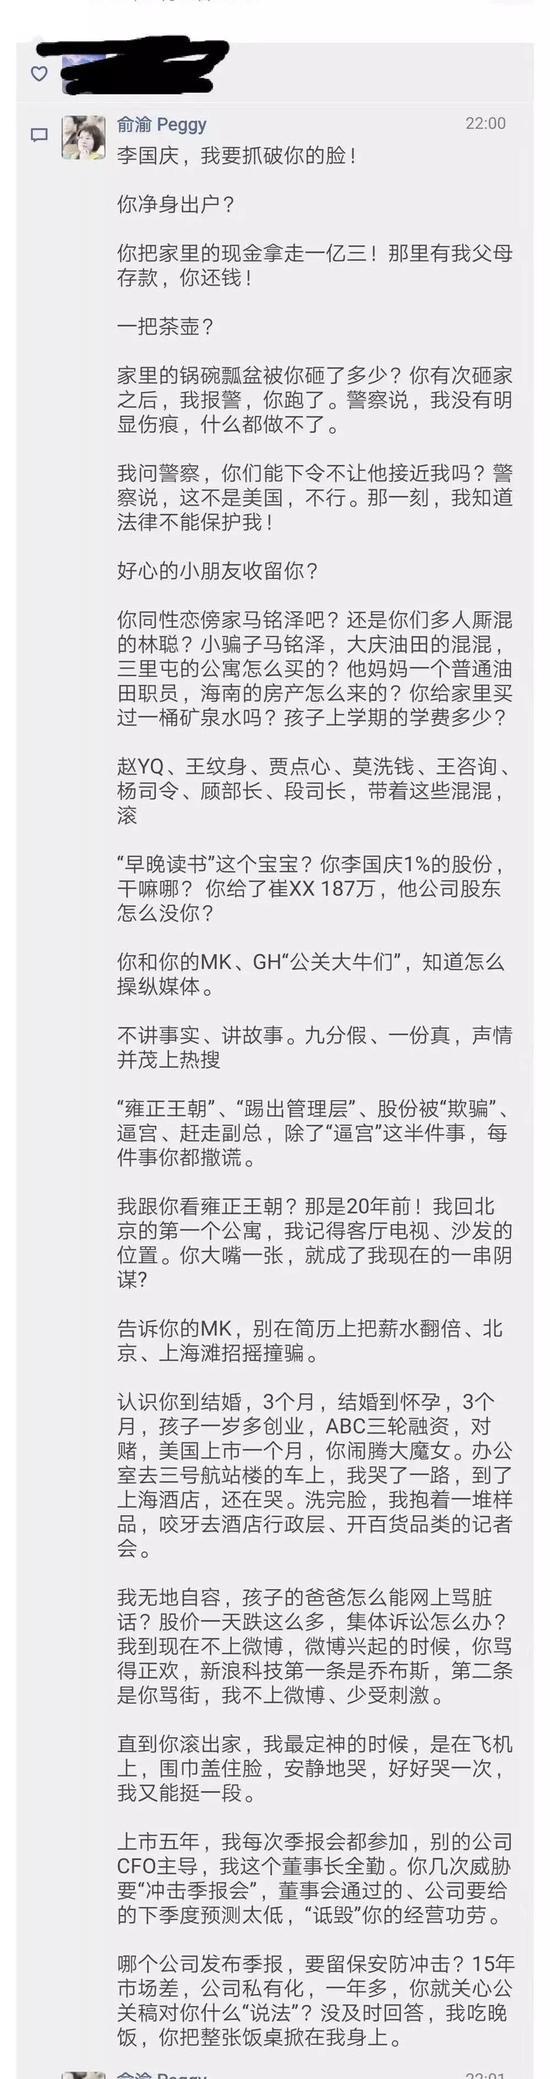 果博彩票苹果版 - 证监会查处3宗证券从业人员违法买卖股票案